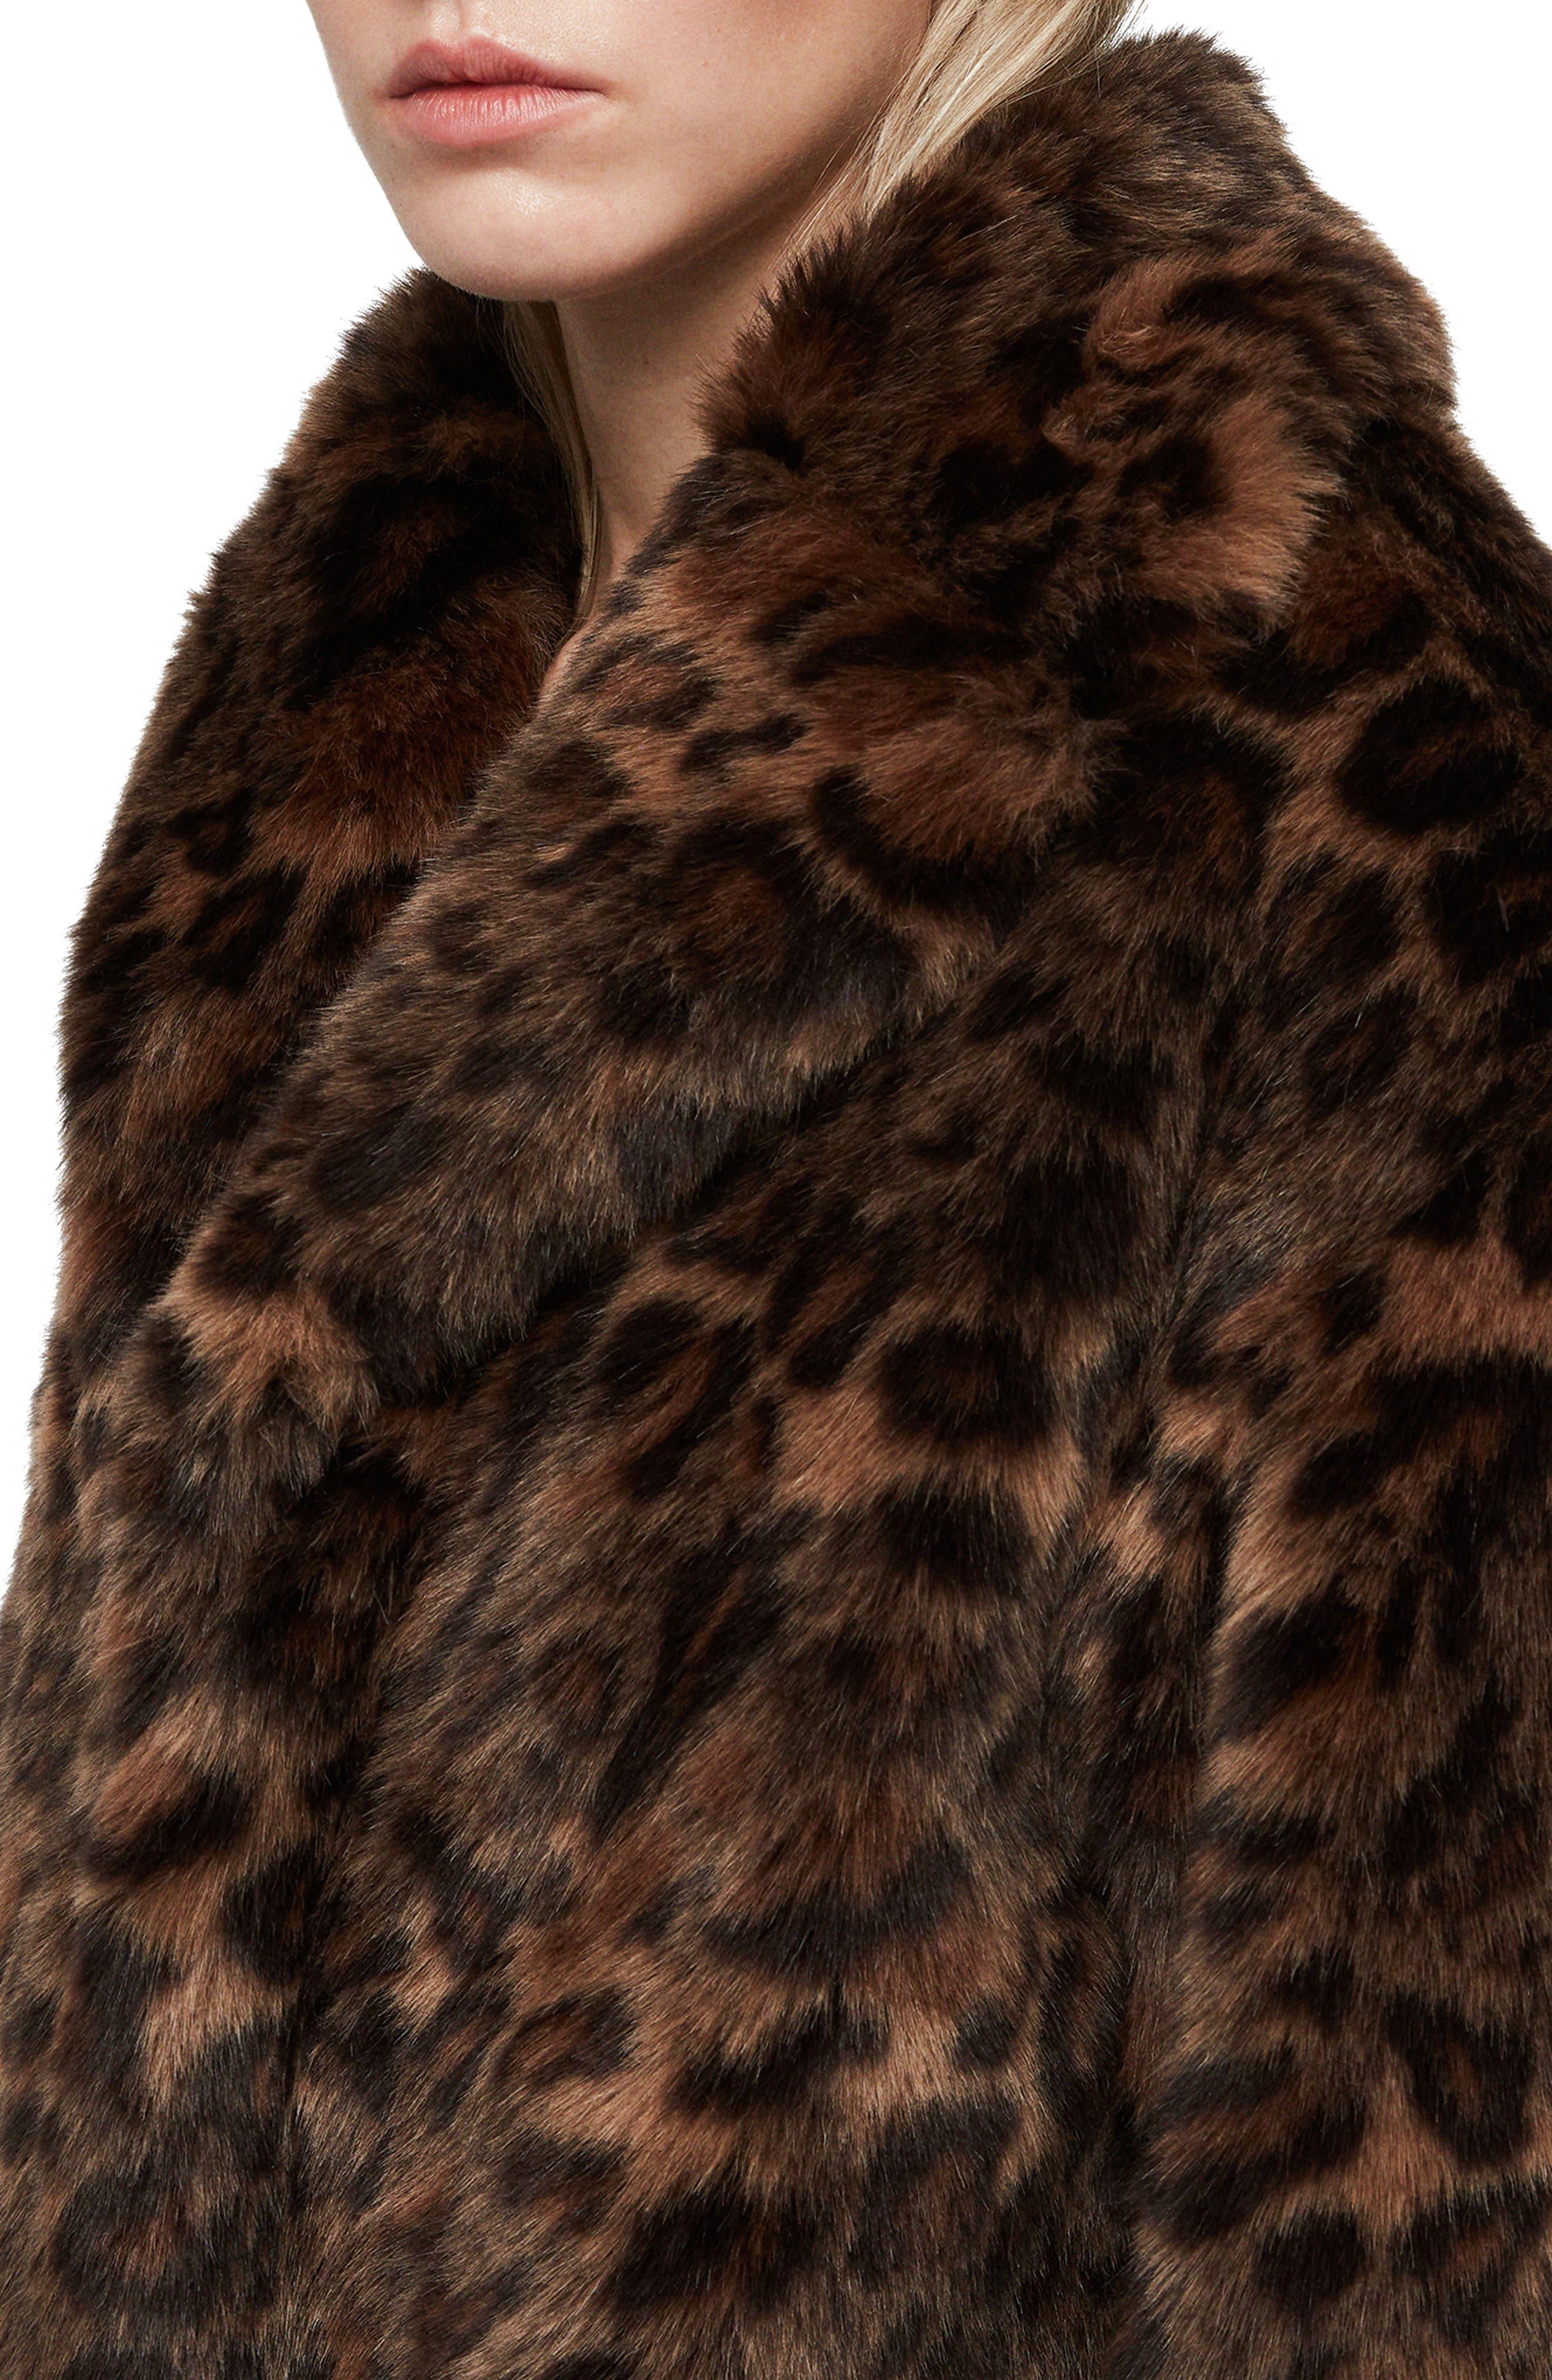 Amice Leopard Spot Faux Fur Jacket,                             Alternate thumbnail 4, color,                             BROWN